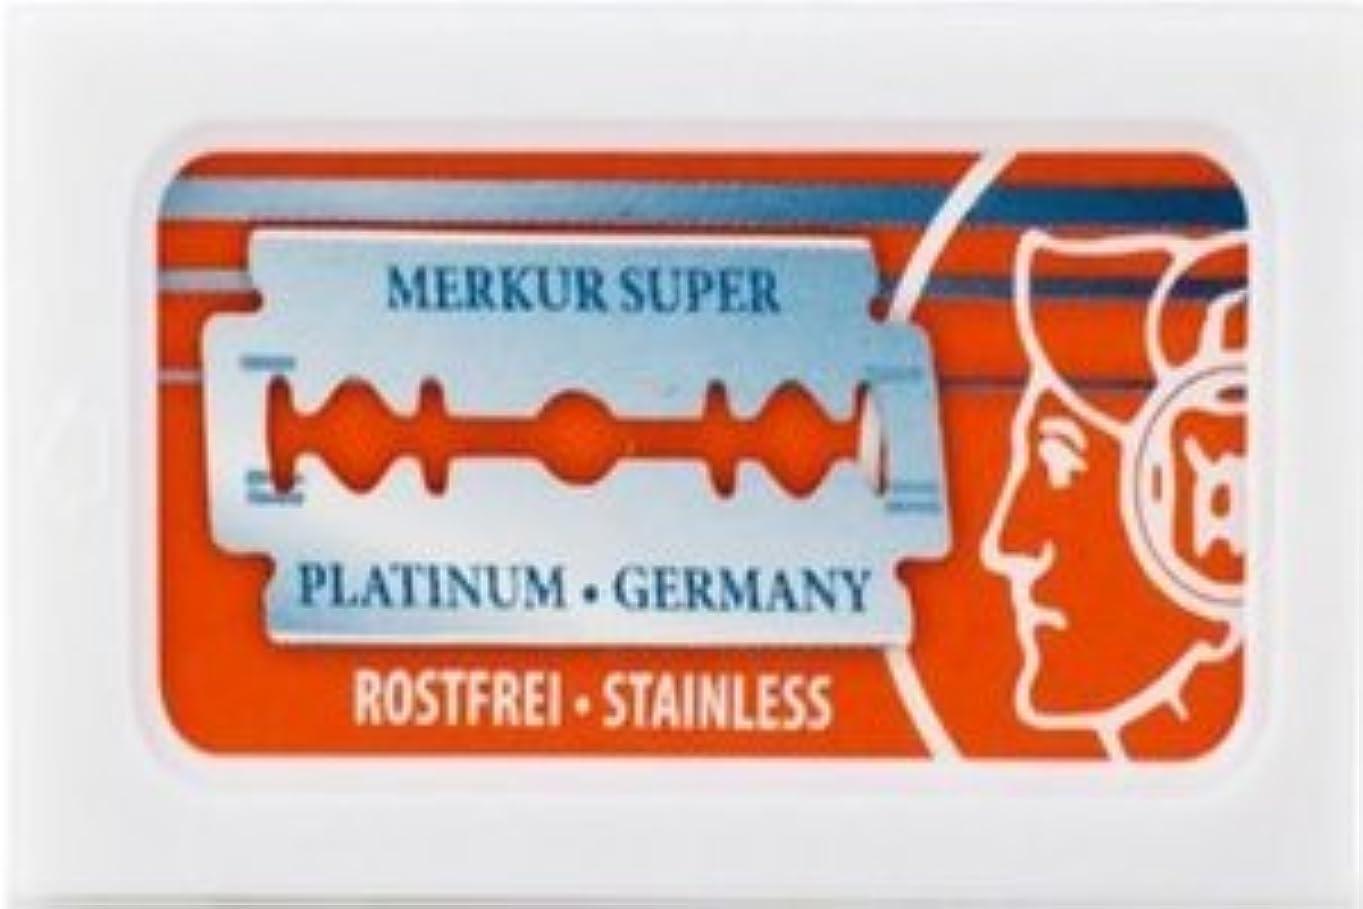 想像力豊かな矢社交的Merkur Super Platinum 両刃替刃 10枚入り(10枚入り1 個セット)【並行輸入品】